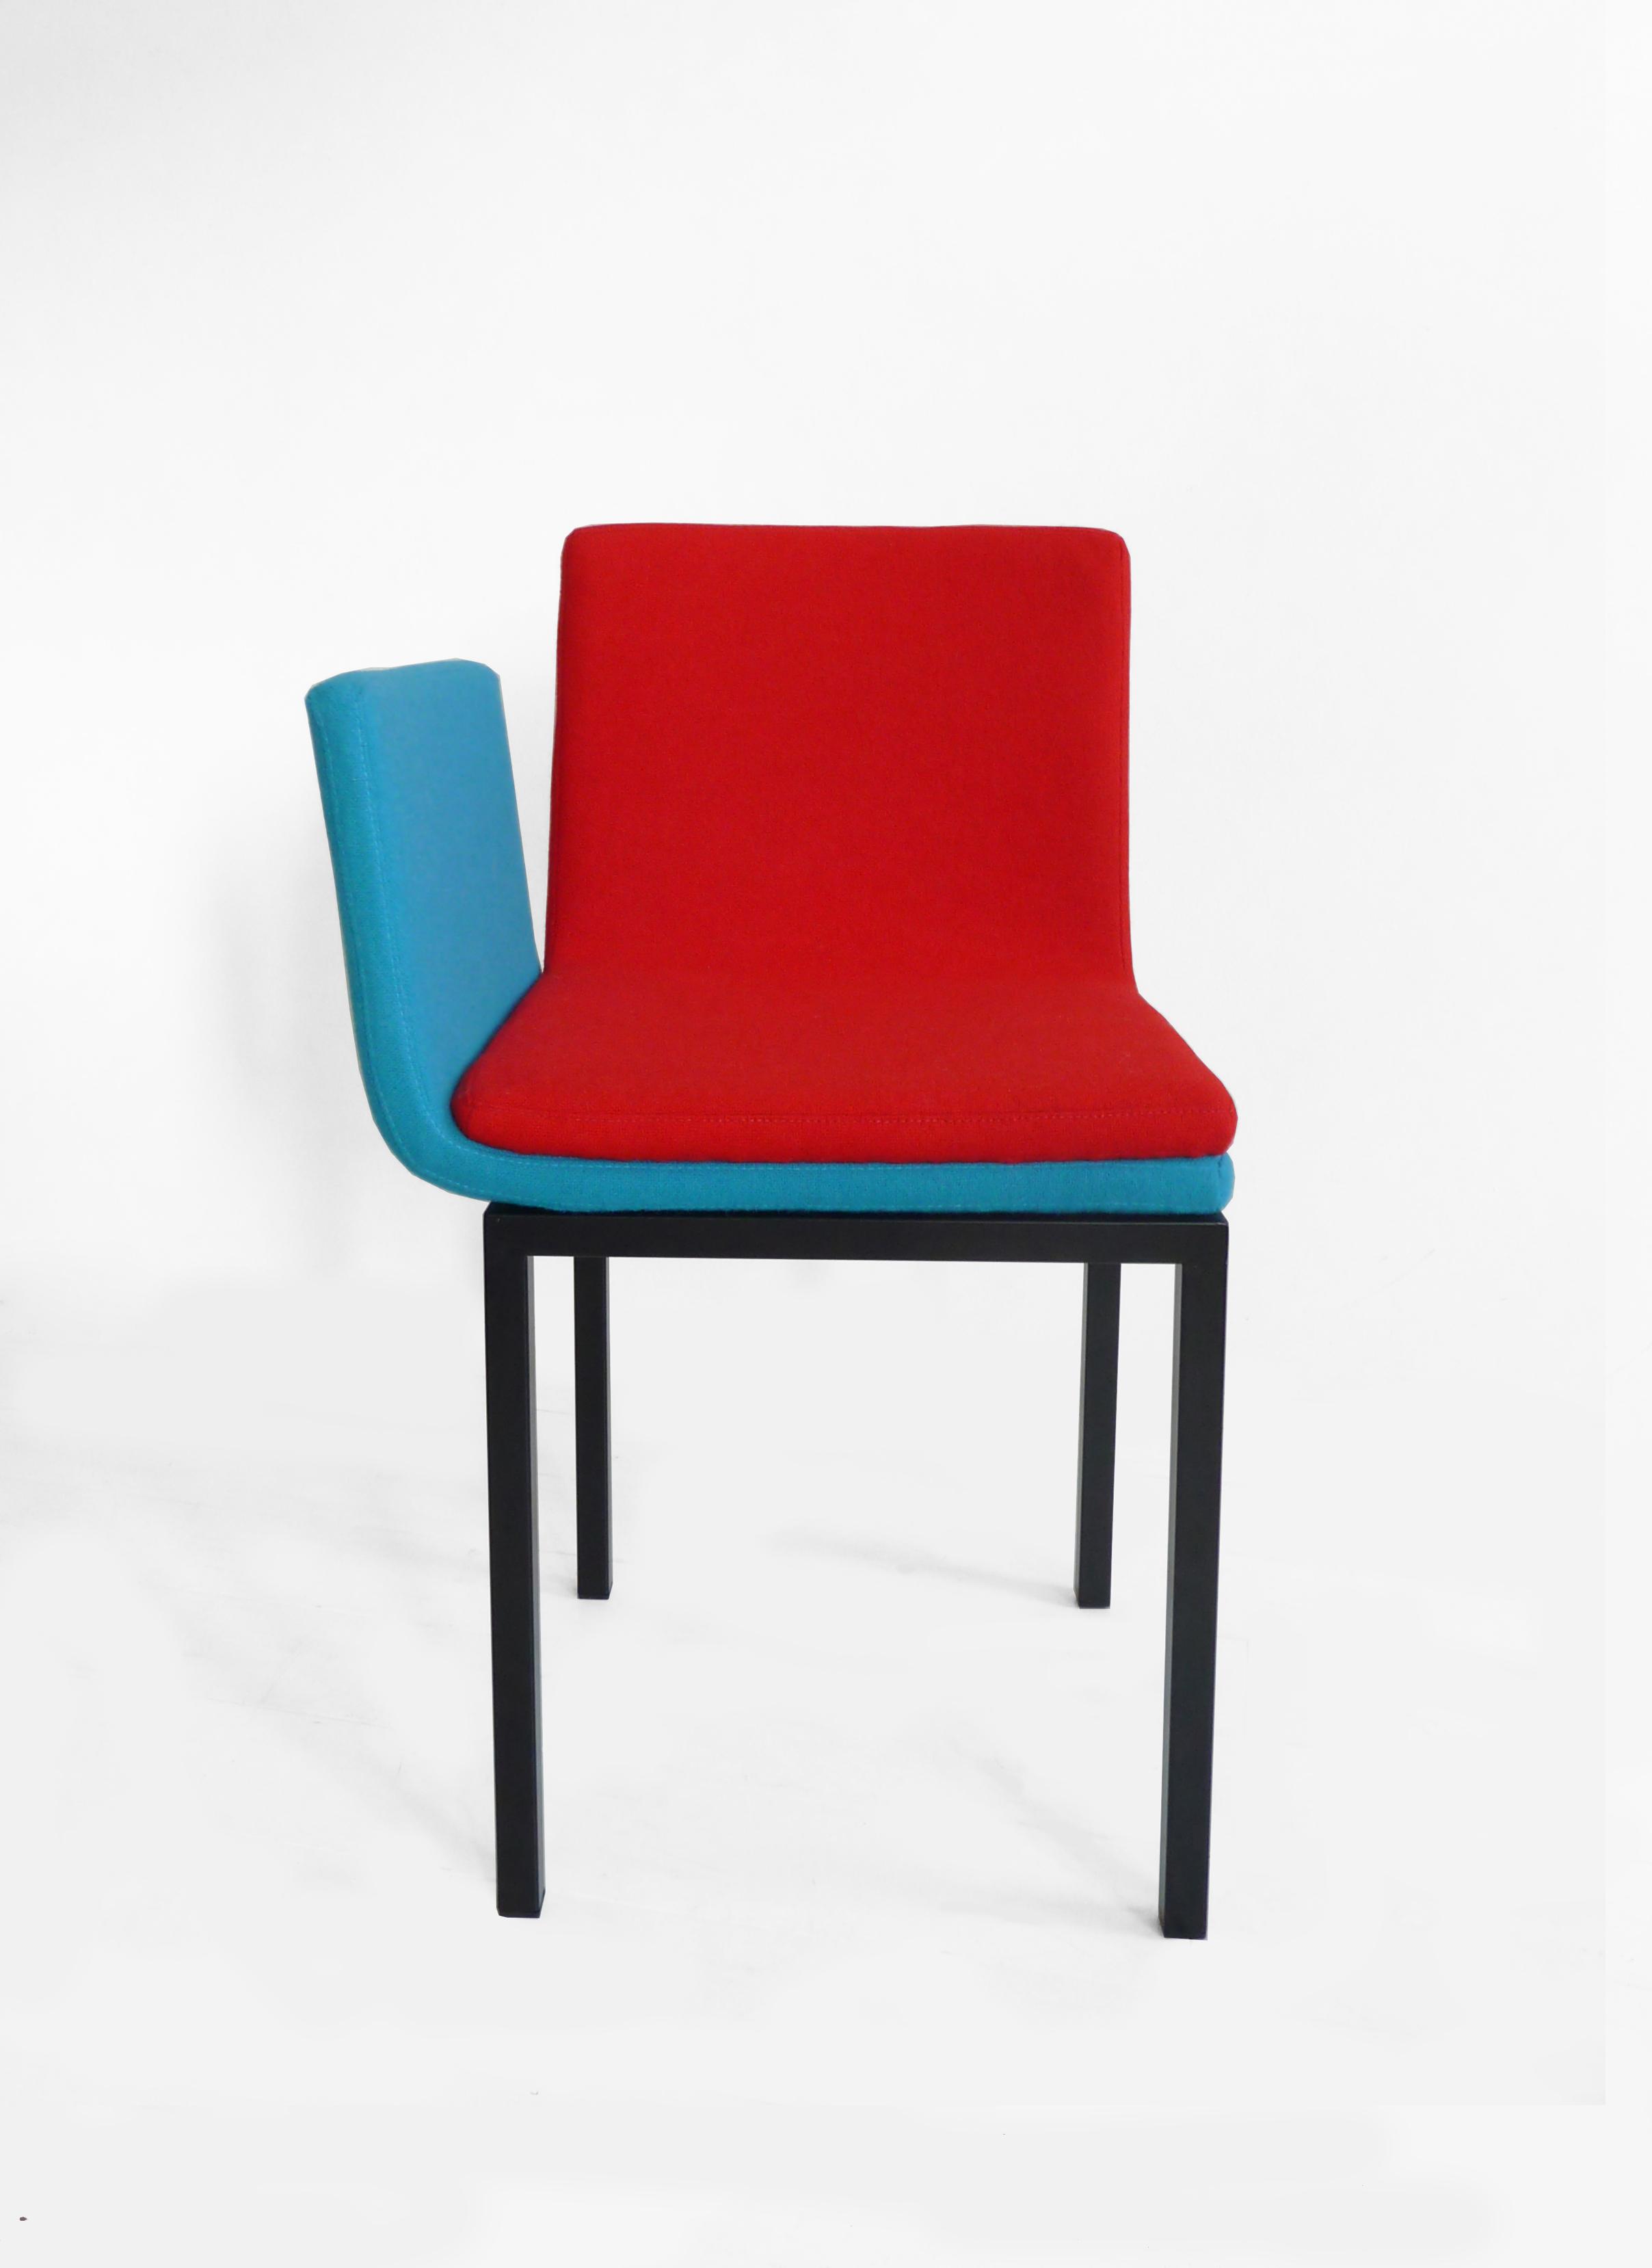 red blue chair 3.jpg